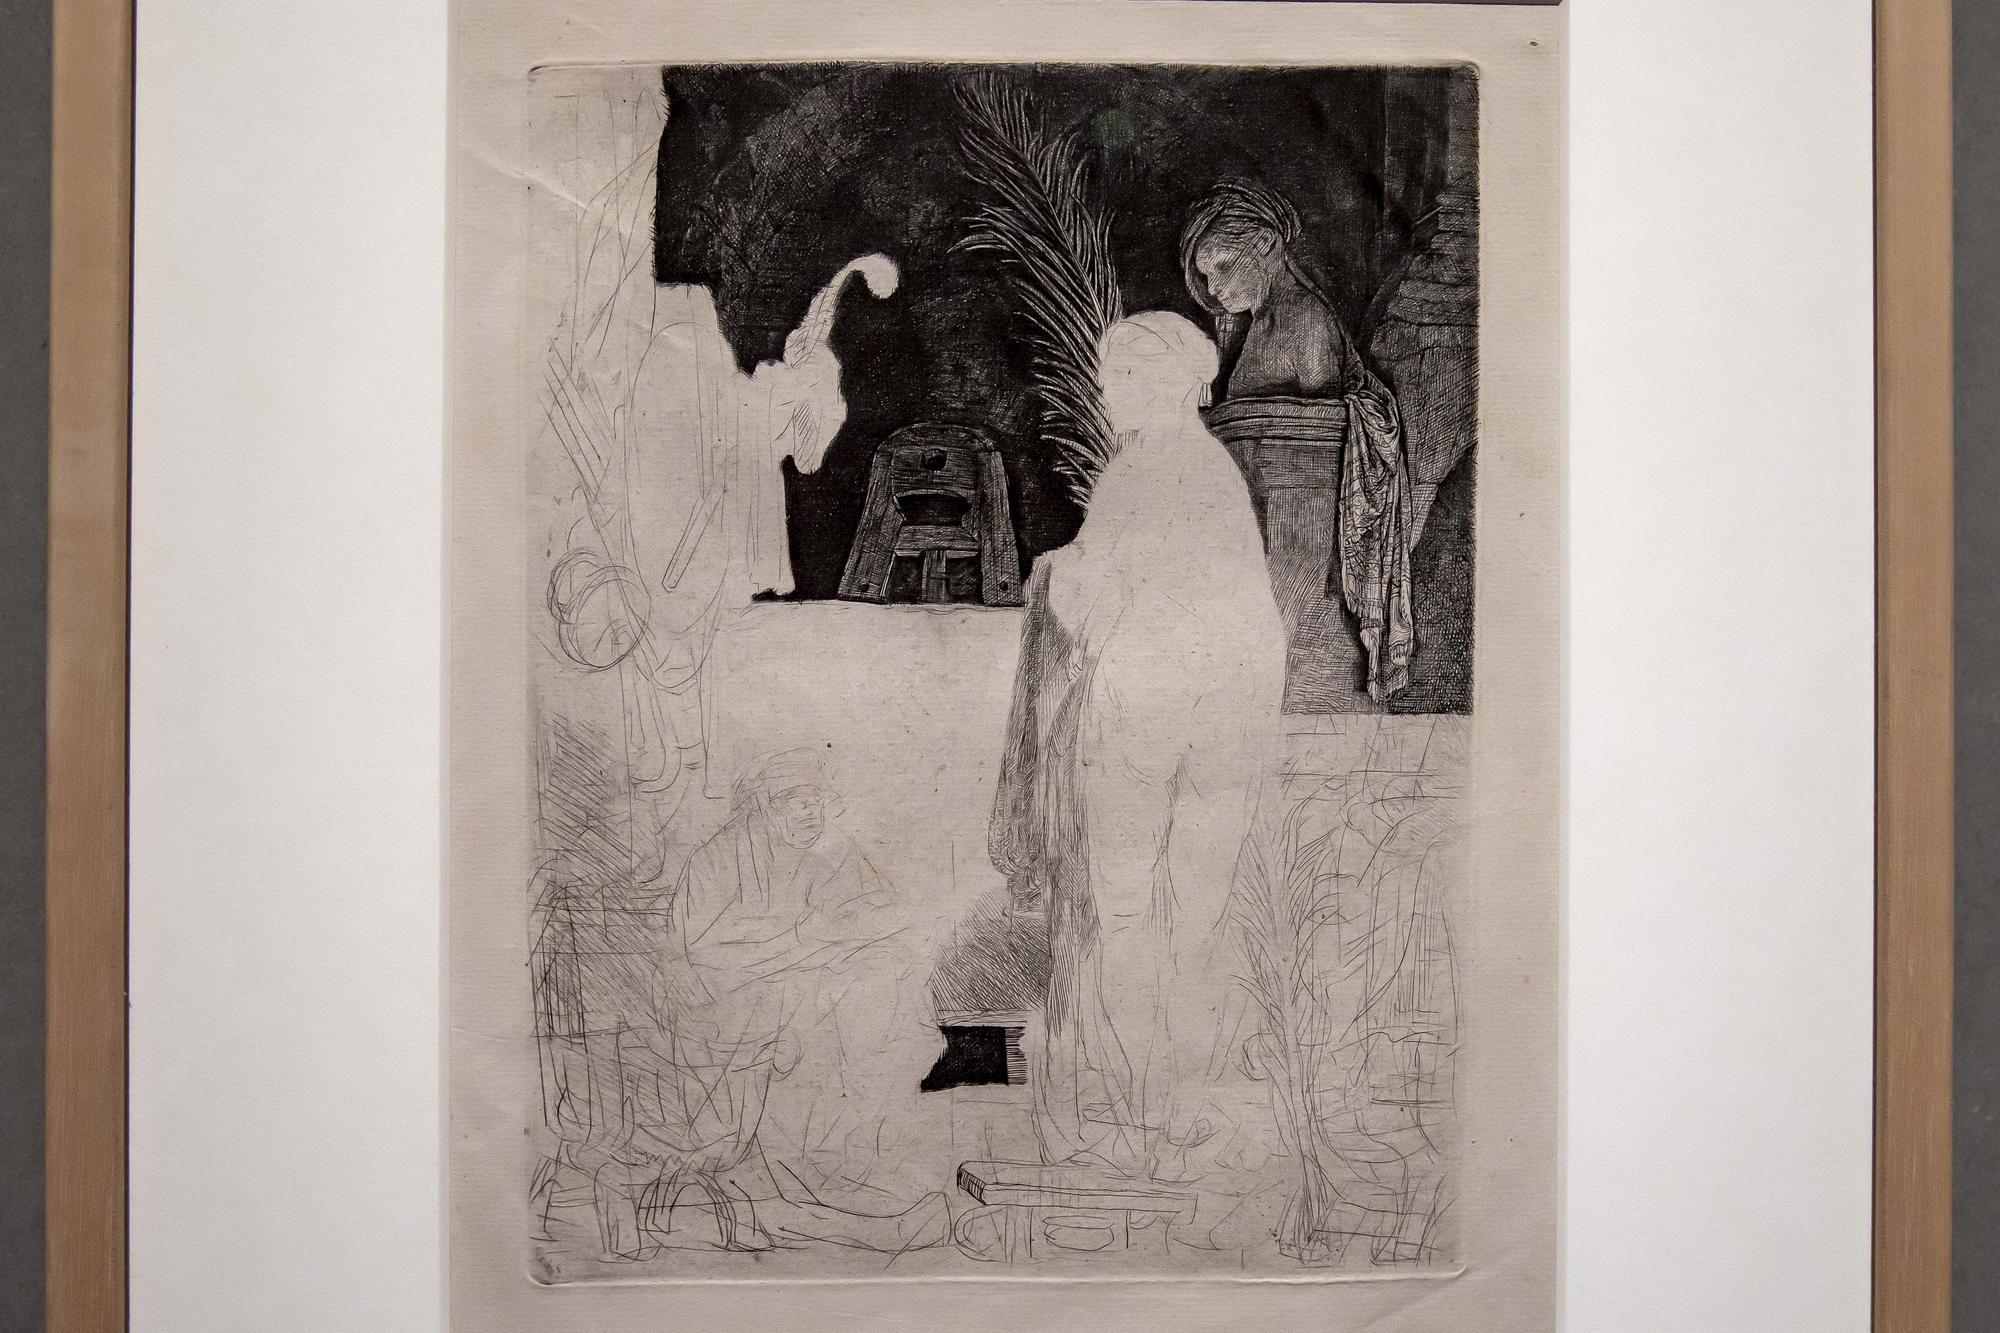 CaixaForum Palma inaugura una exposición sobre la poética del arte inacabado